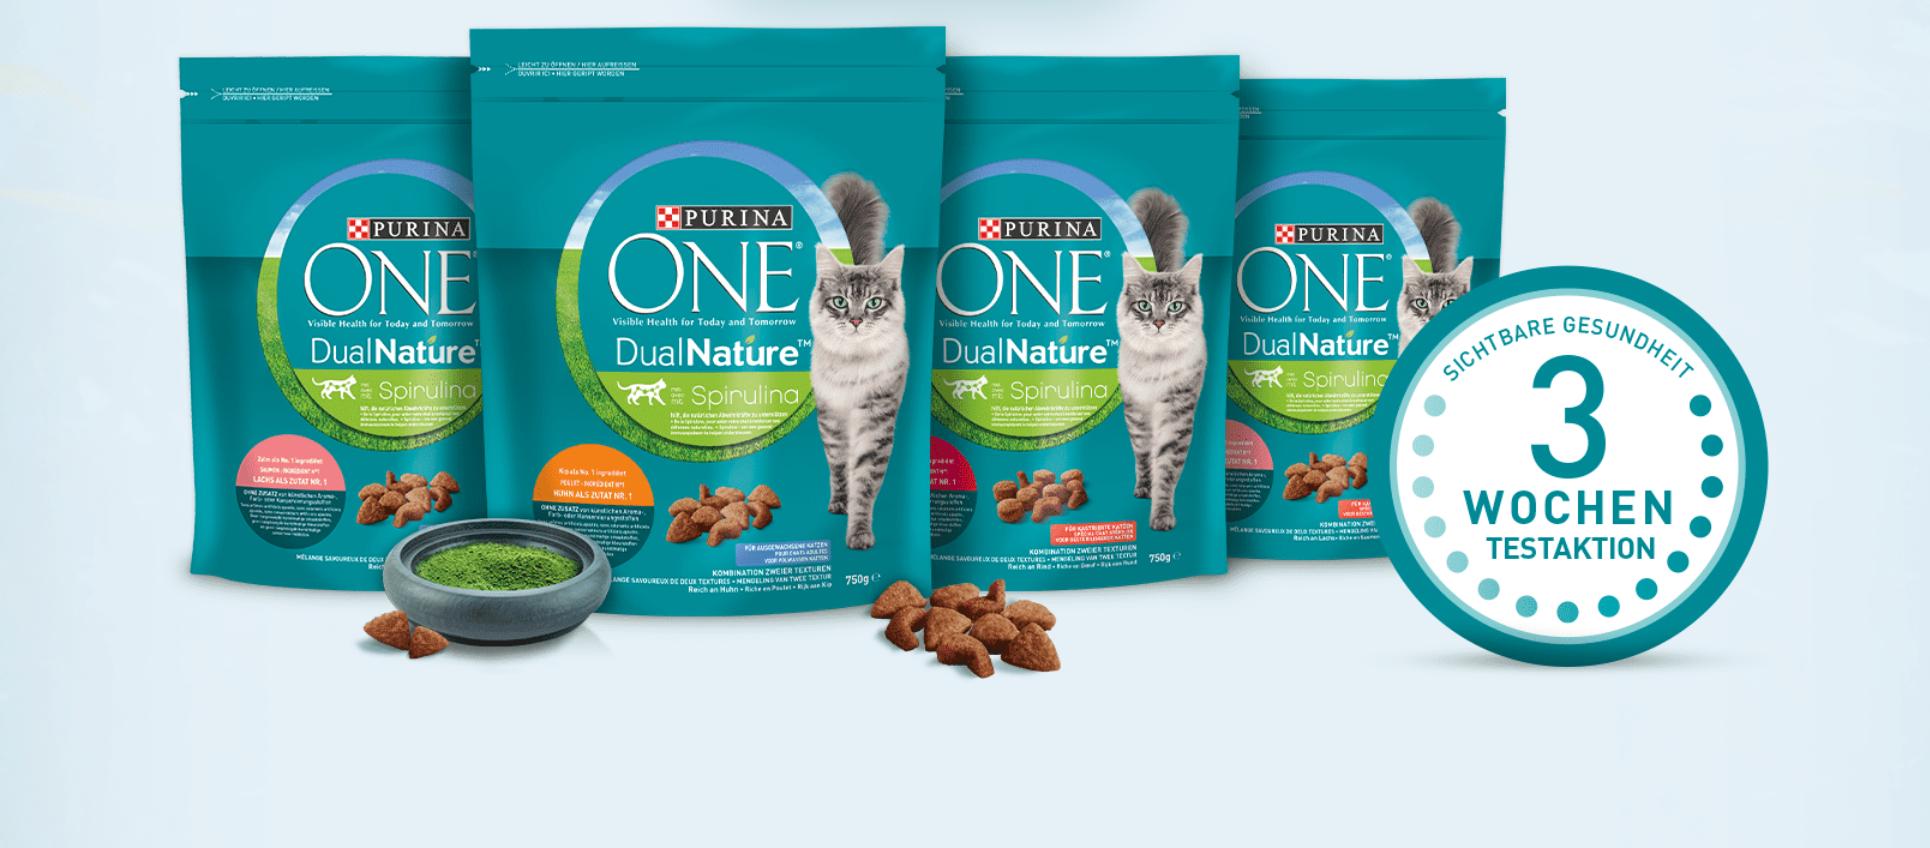 [Purina] GRATIS Katzenfutter (800g): Purina ONE 3-Wochen-Testaktion + Überraschungspaket